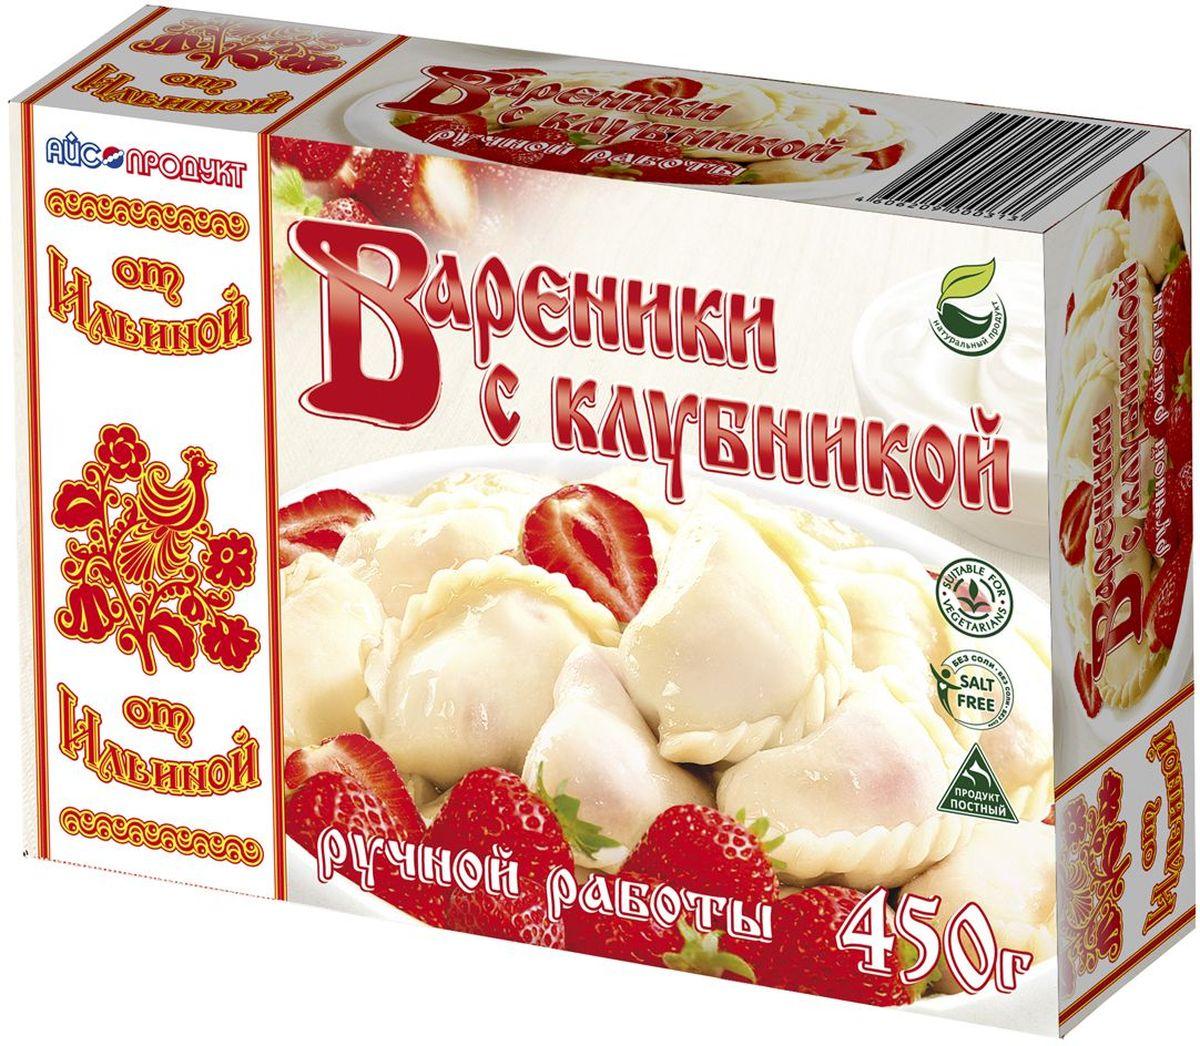 От Ильиной Вареники с клубникой, ручной работы, 450 г домашние вареники пельмени лапша лазанья галушки и другие вкусности